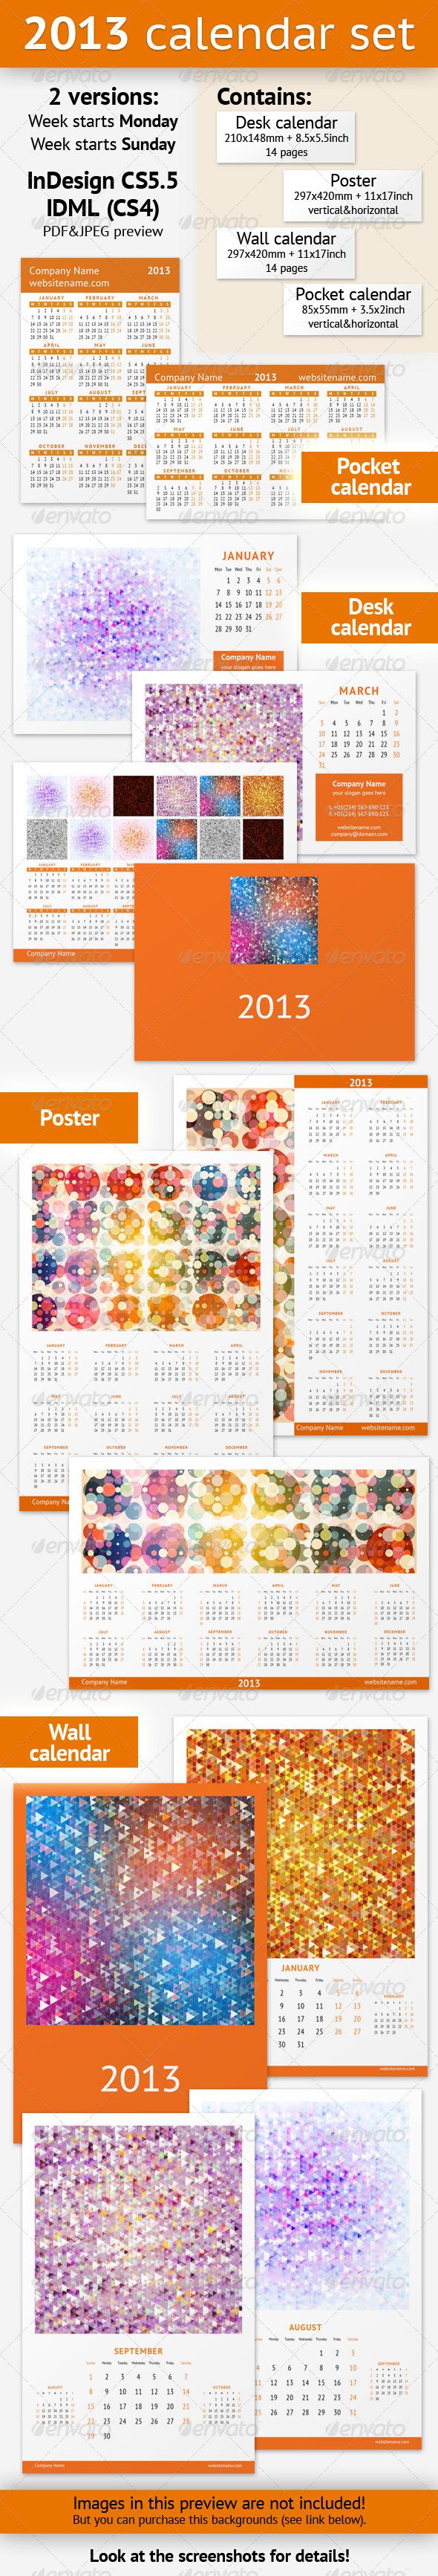 GraphicRiver 2013 Calendar Set 3394781